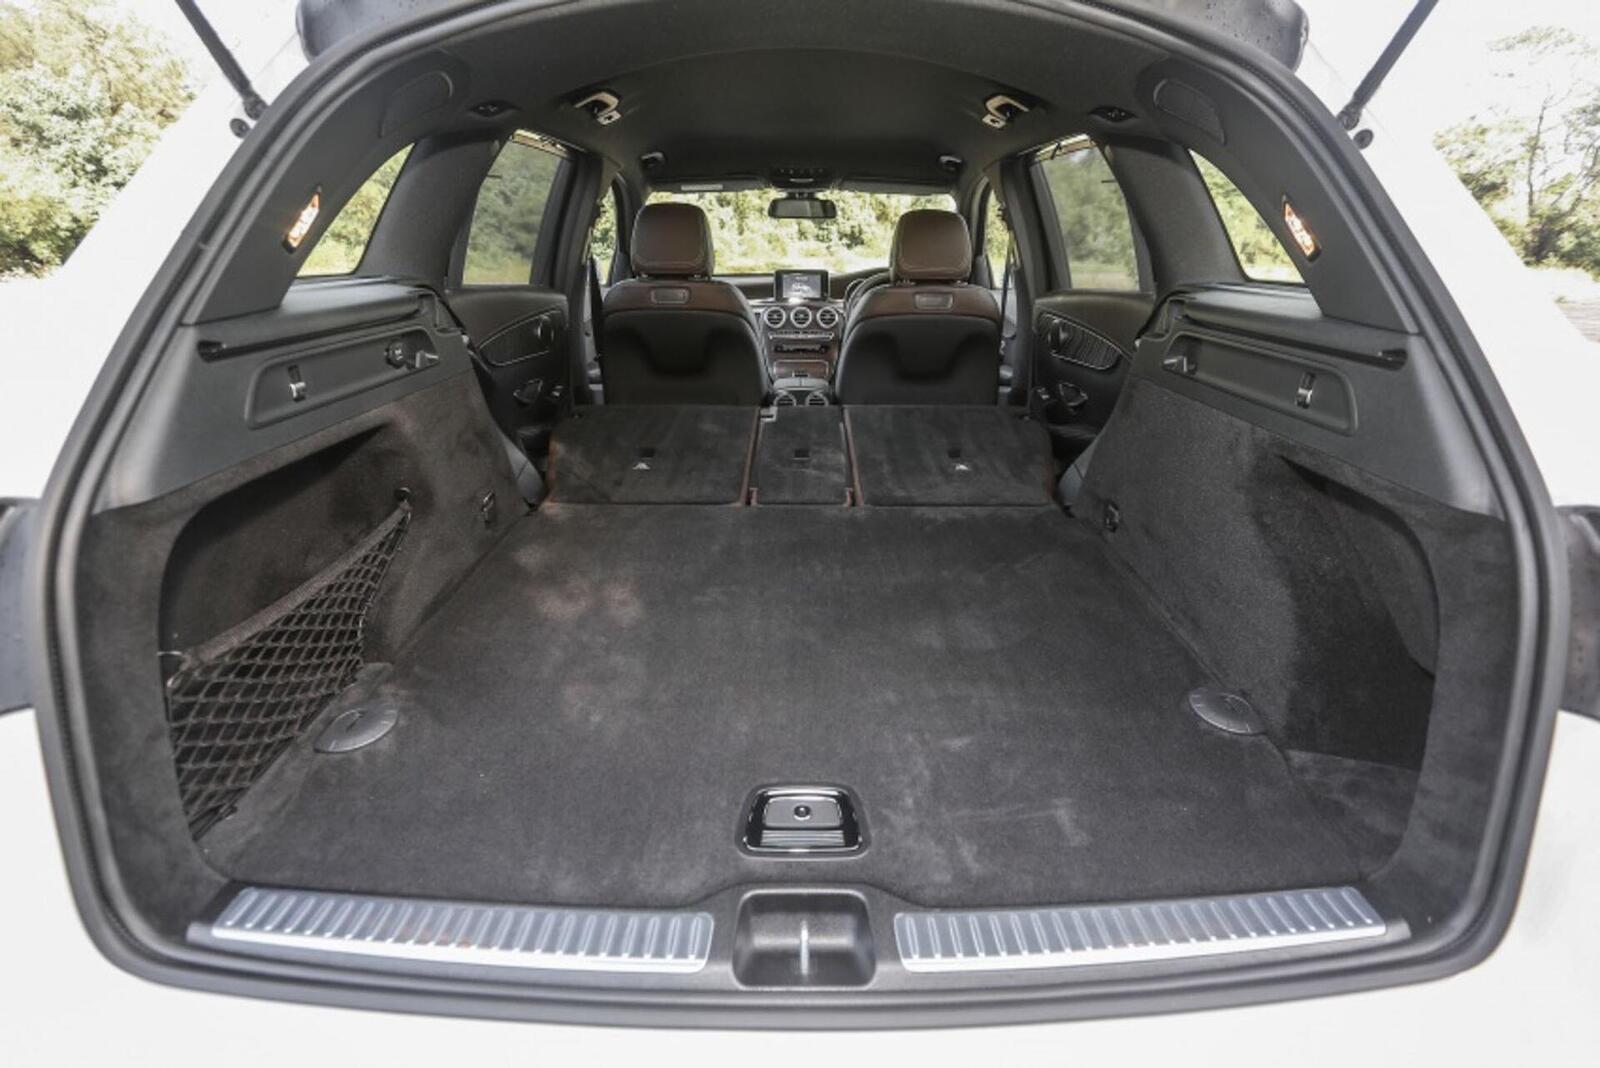 Mercedes-Benz GLC 200 có thể sẽ về Việt Nam với giá rẻ hơn - Hình 18